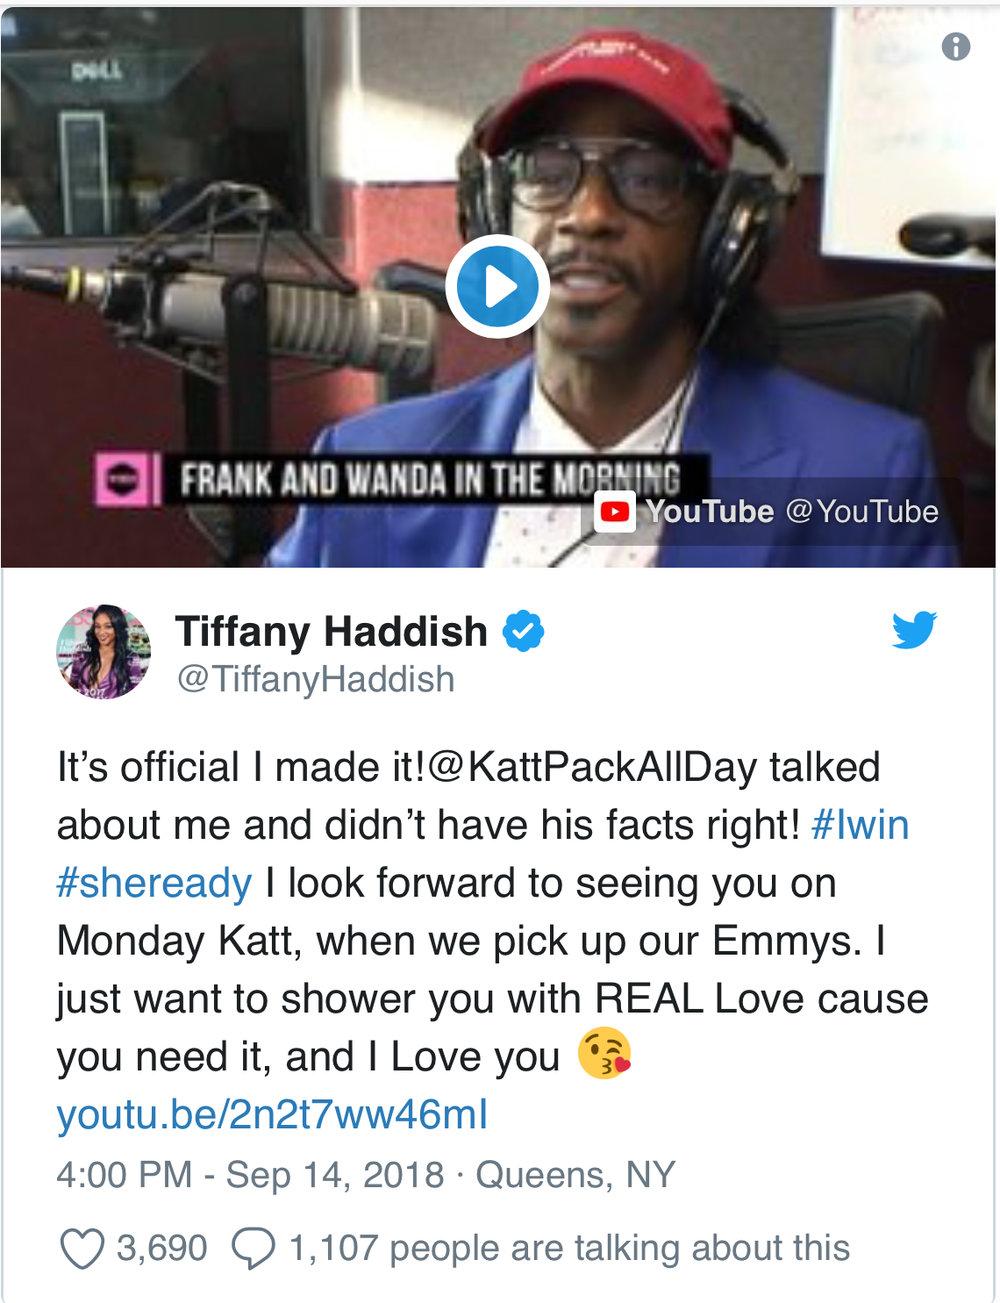 Tiffany Haddish